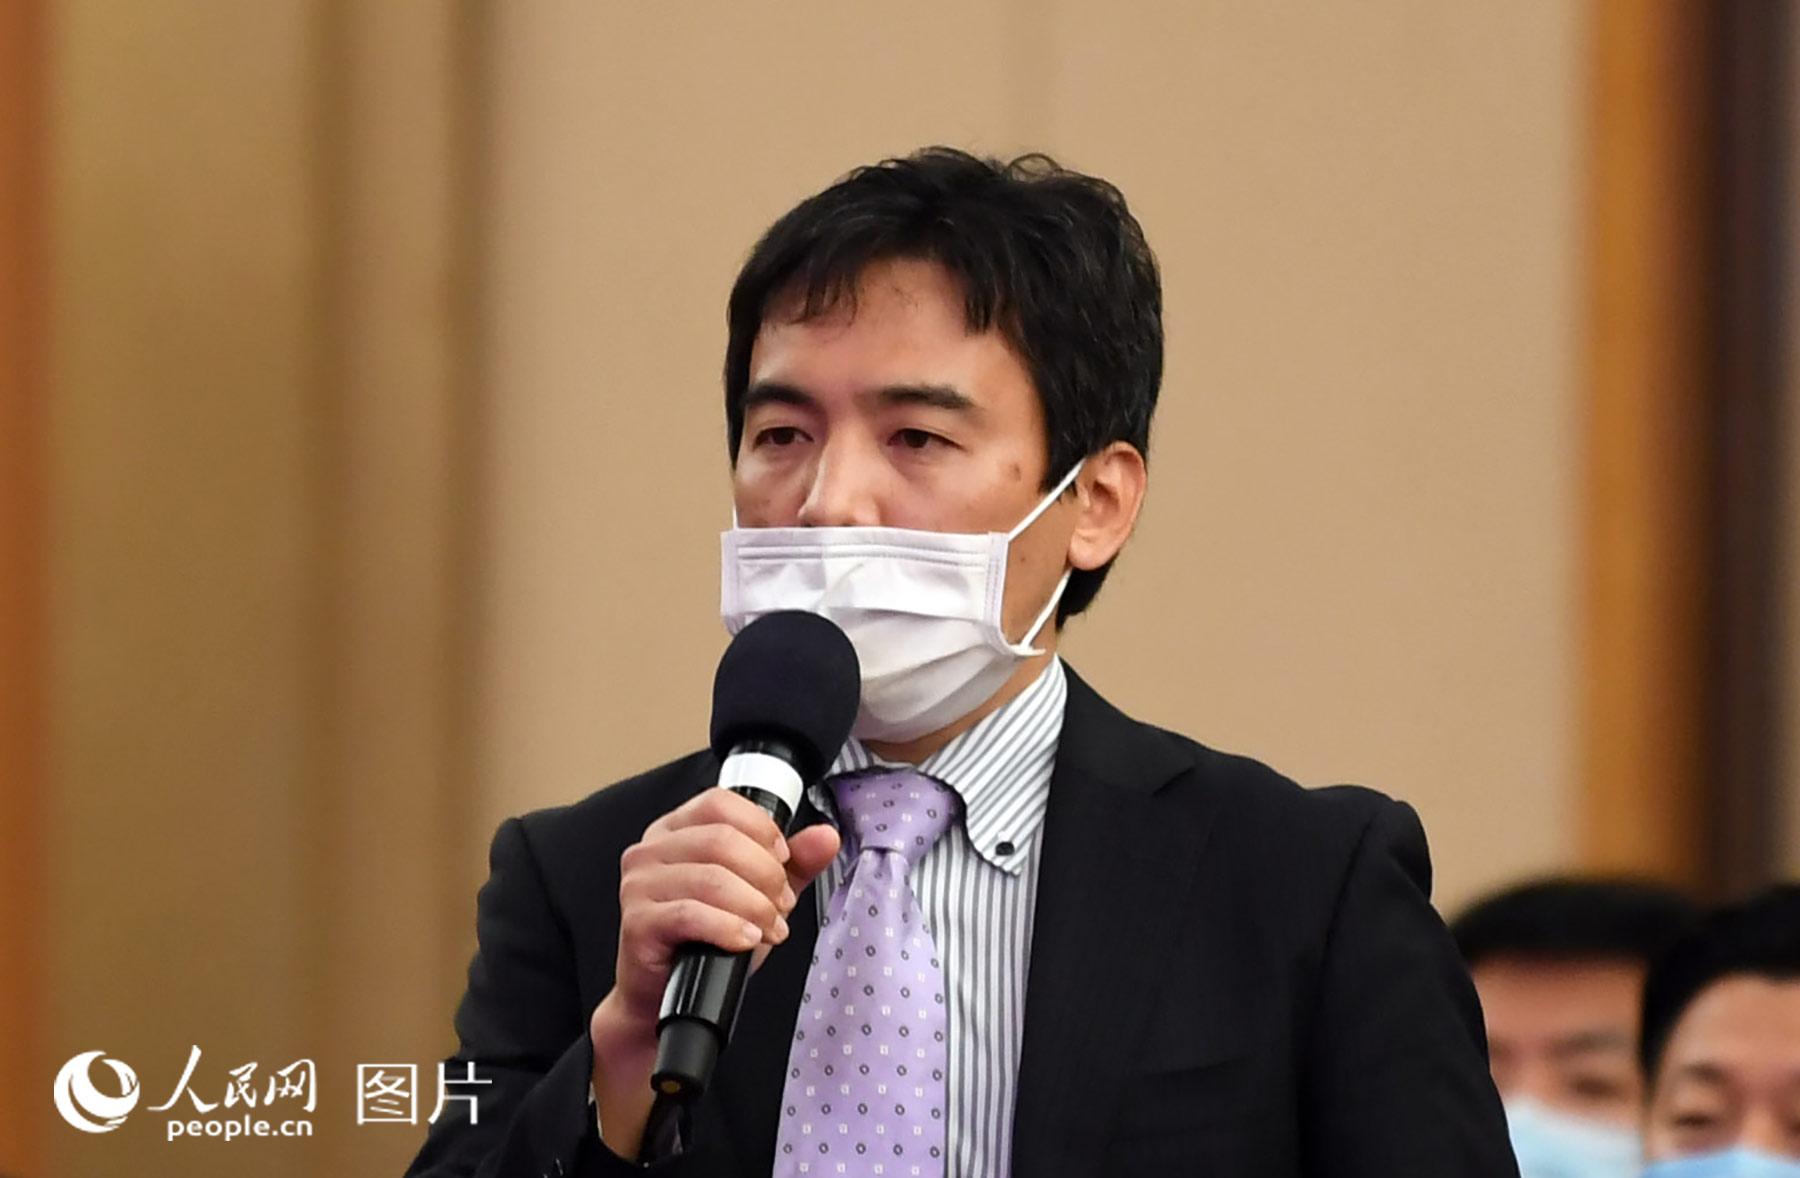 日本富士电视台记者提问。人民网记者 翁奇羽 摄